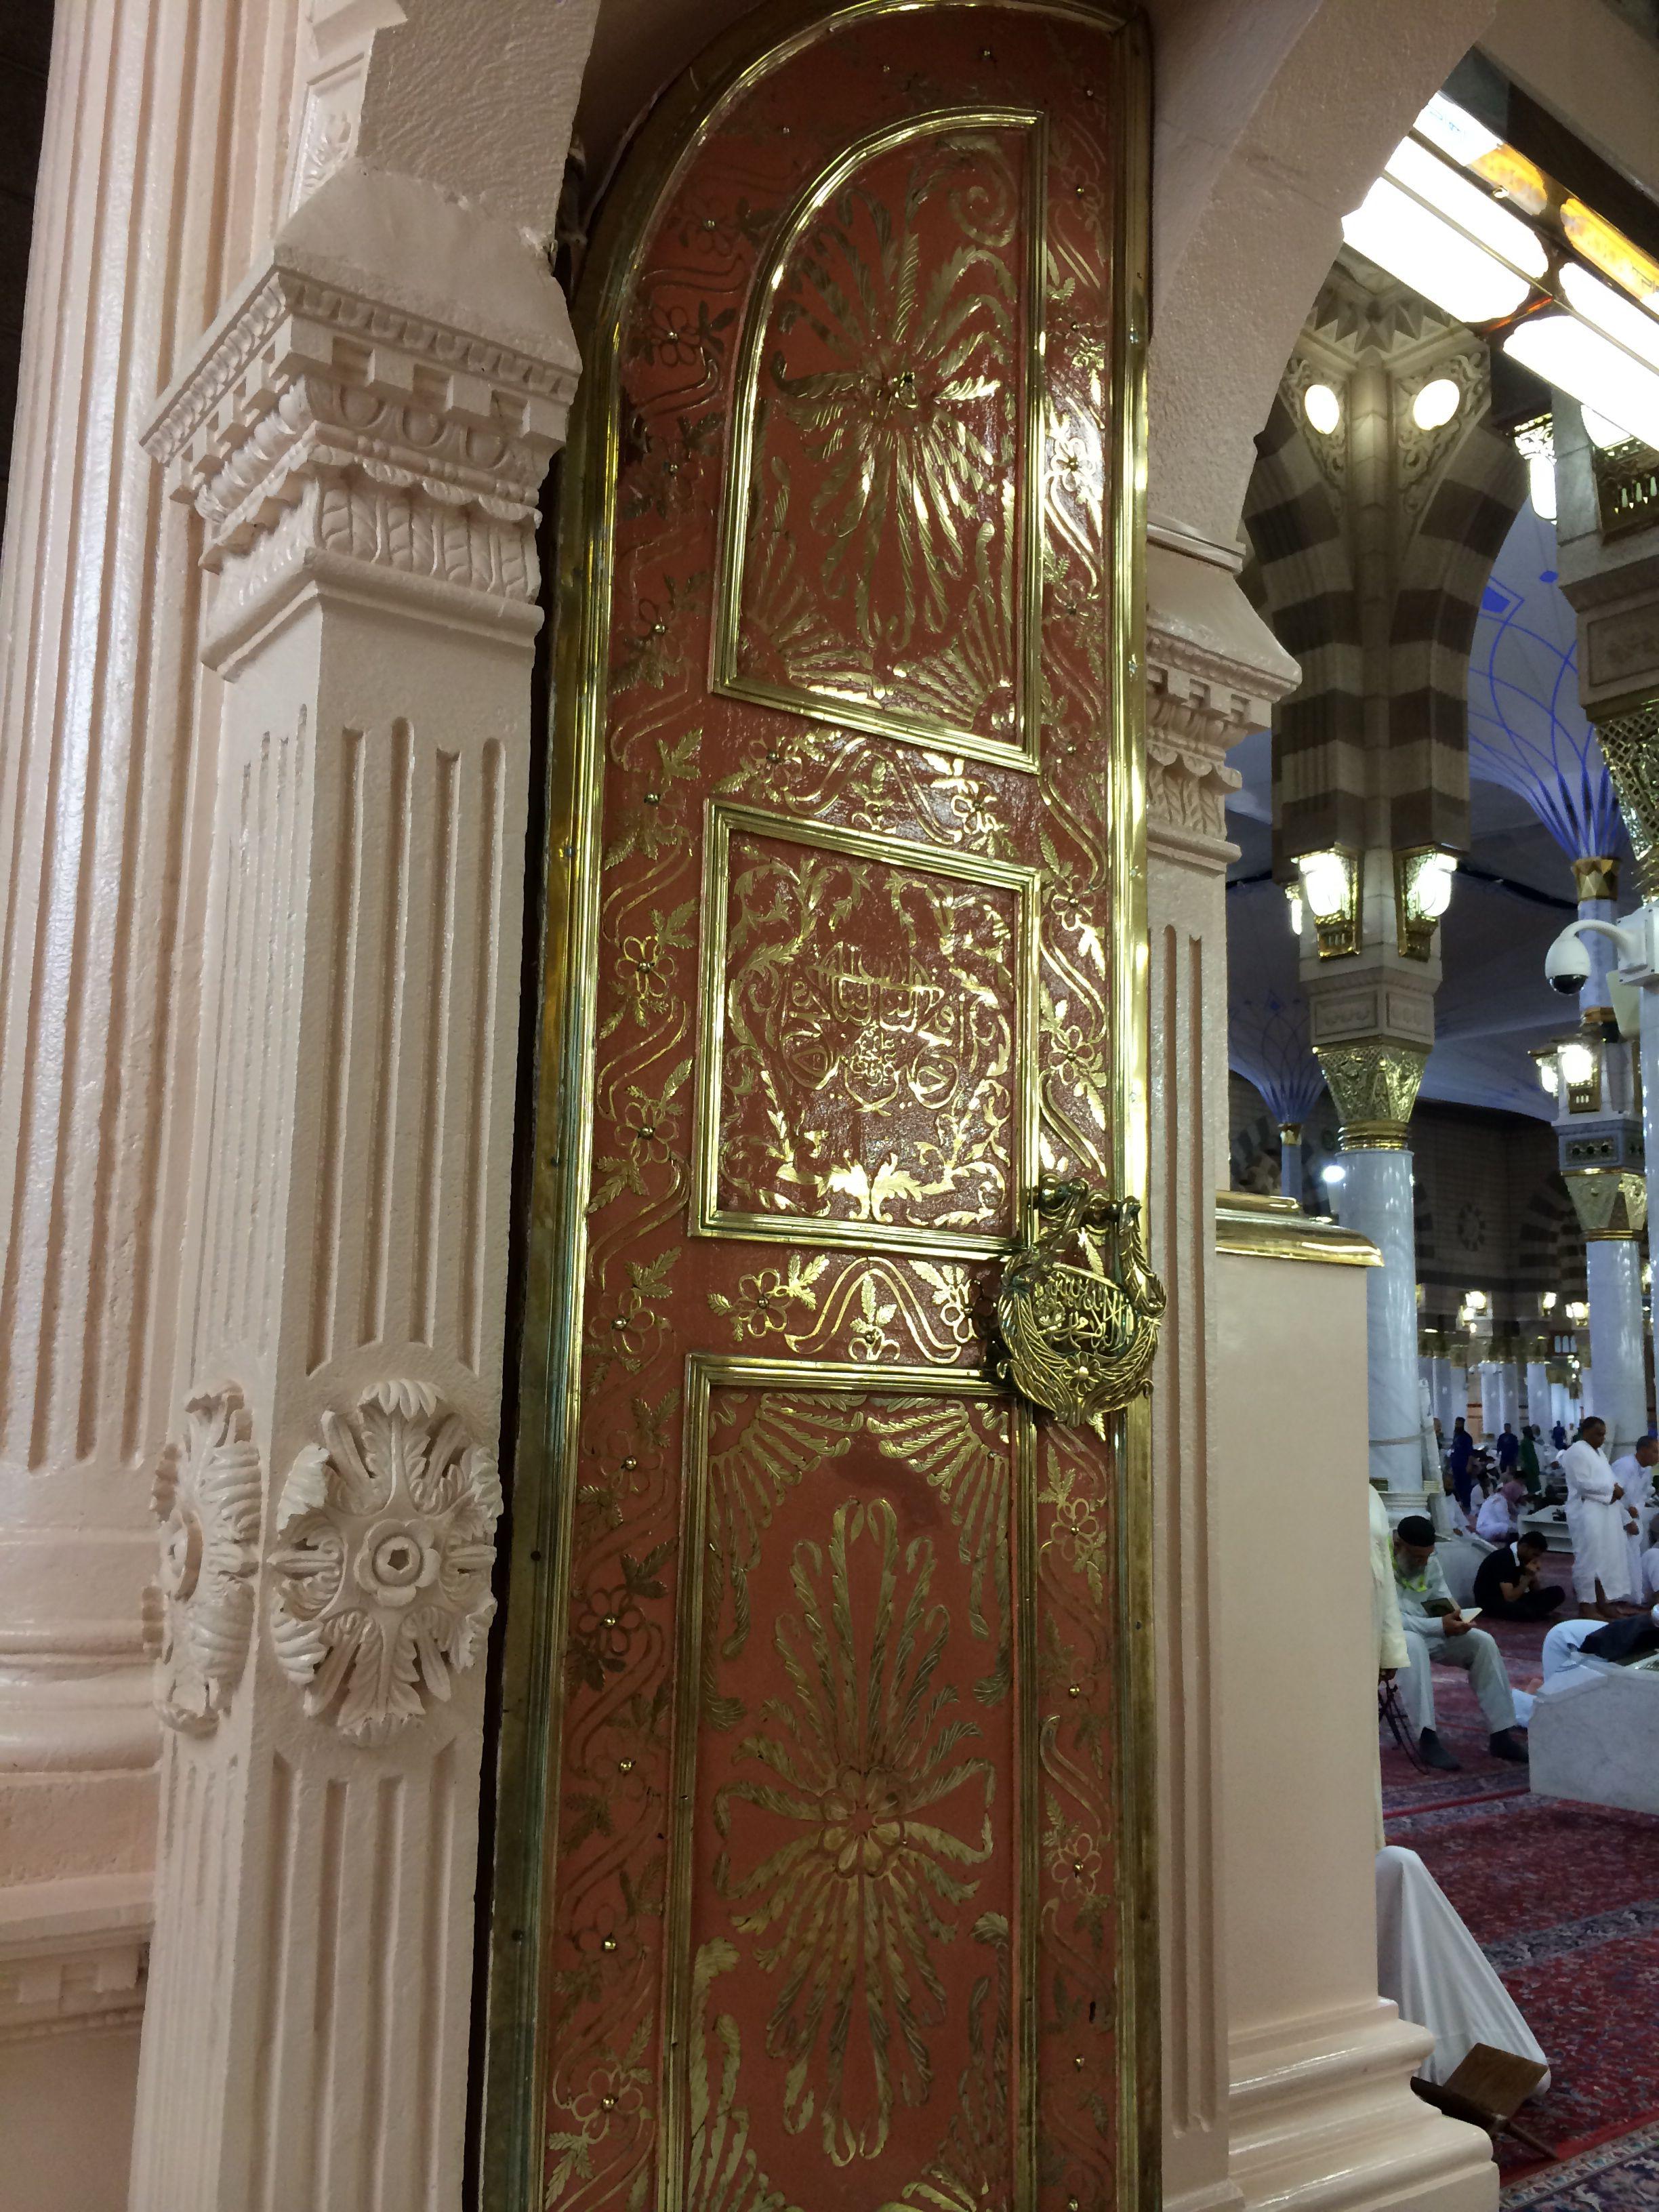 باب الرحمة المسجد النبوي المدينة المنورة Paks Home Decor Home